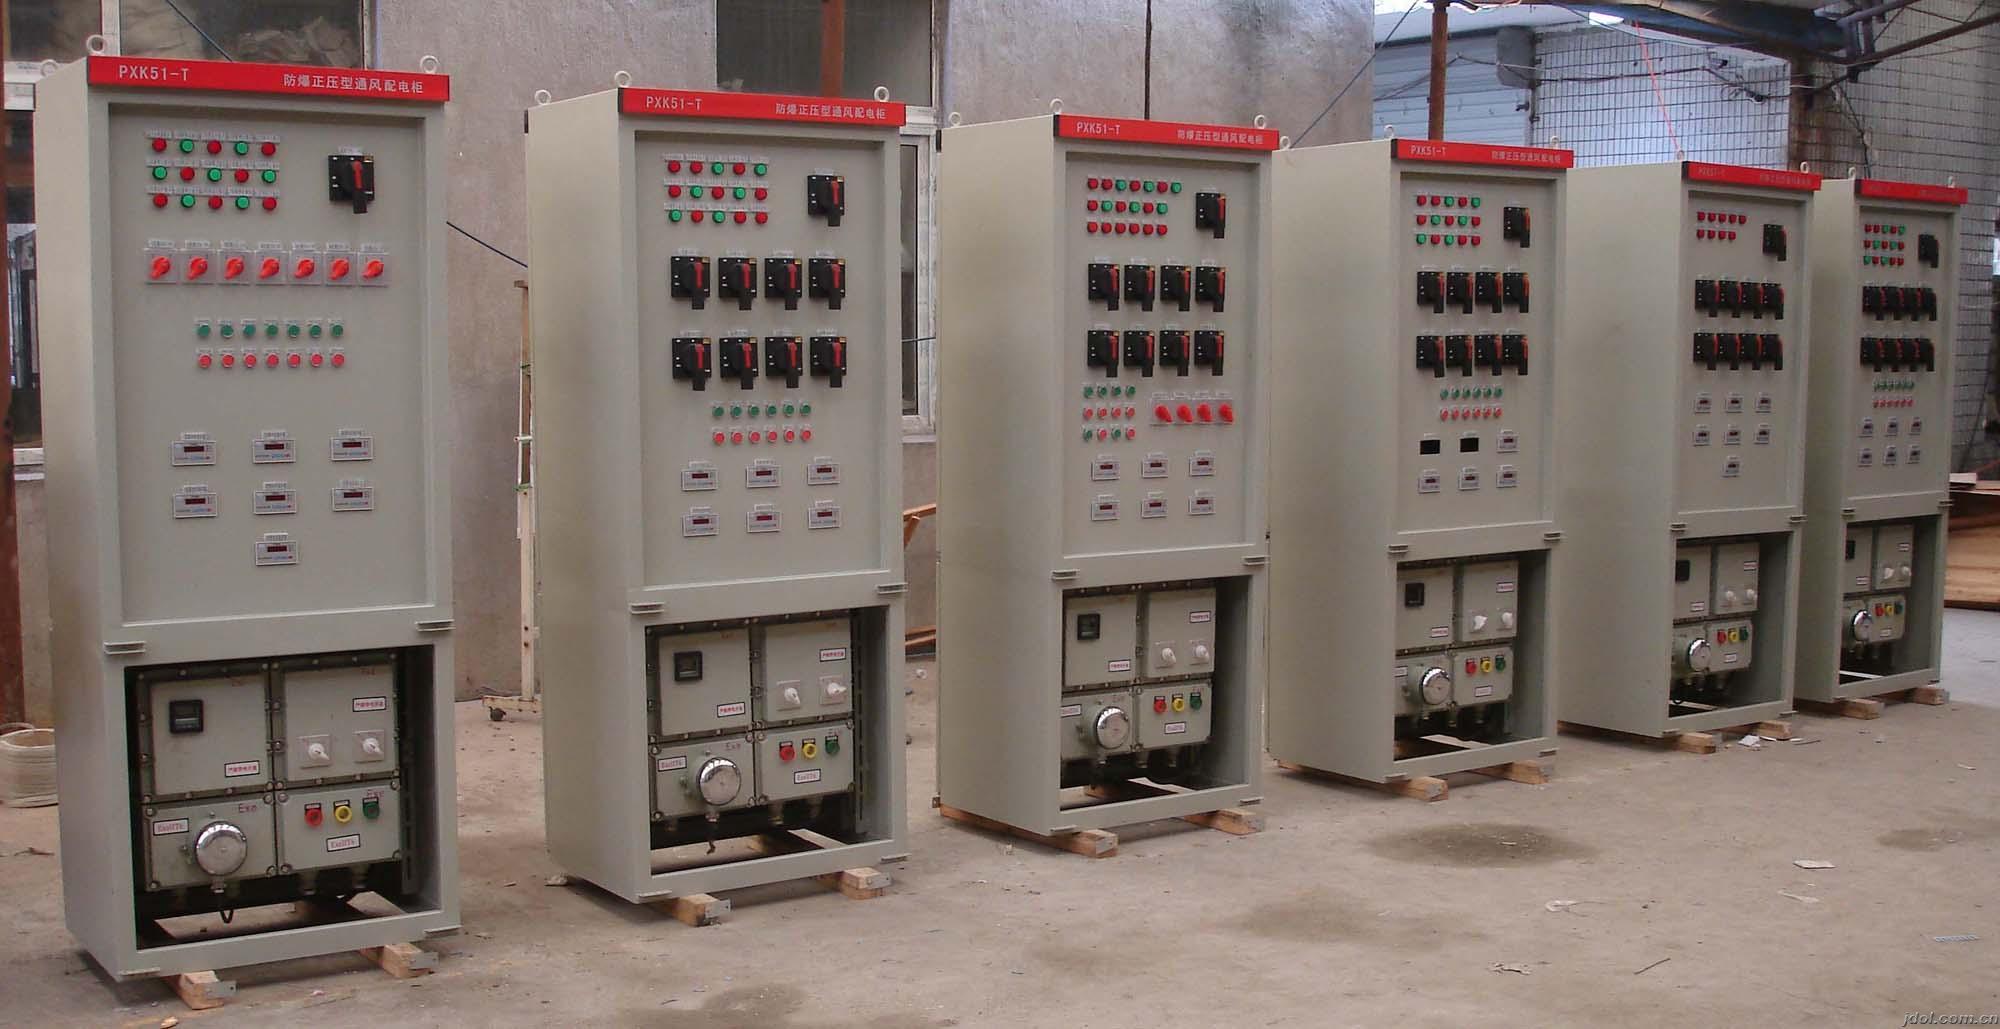 配电箱的布局,外形,安装均和动力配电箱相同.